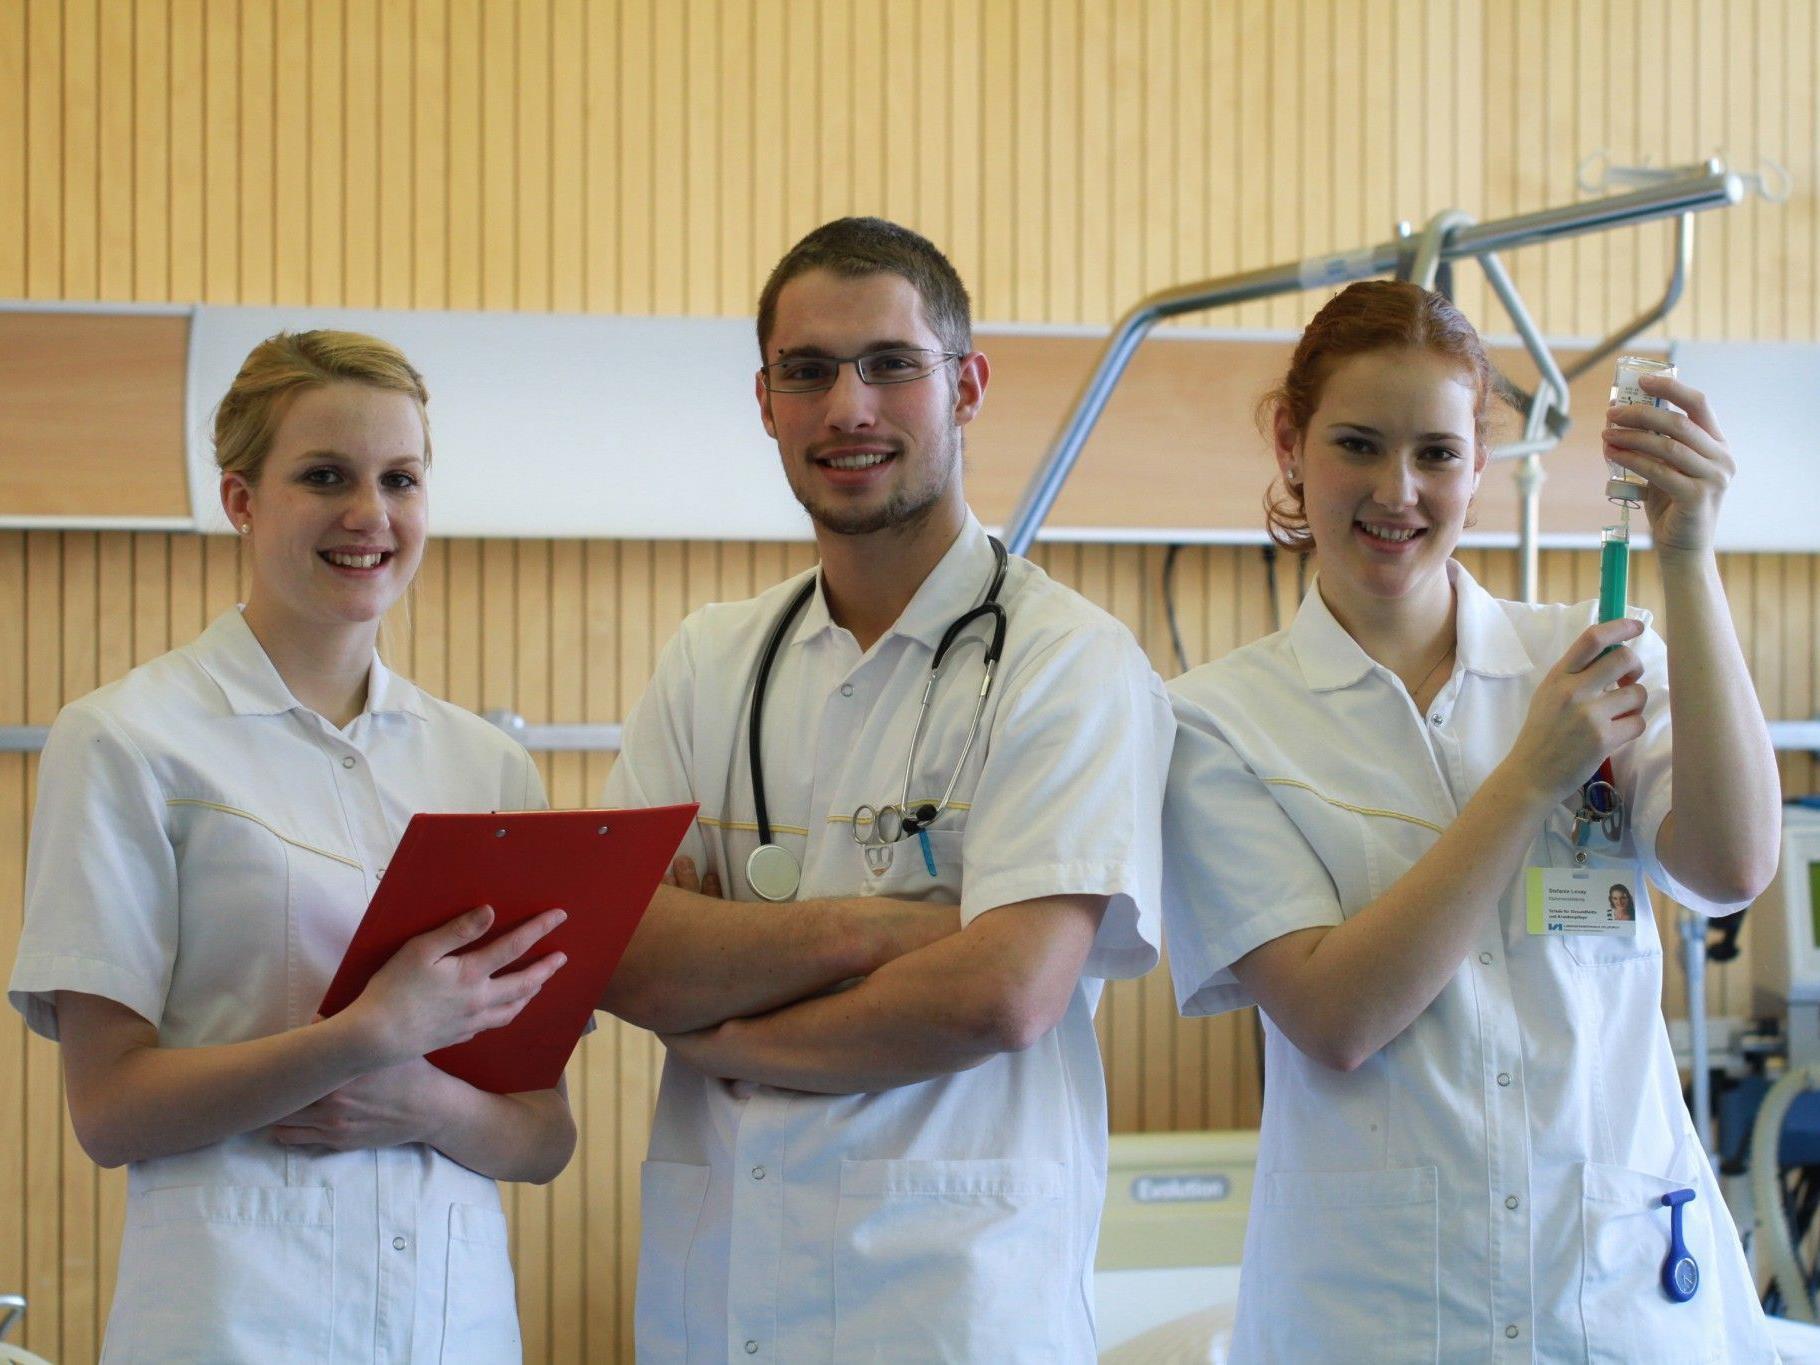 Die Pflegeausbildung bietet attraktive Berufschancen.